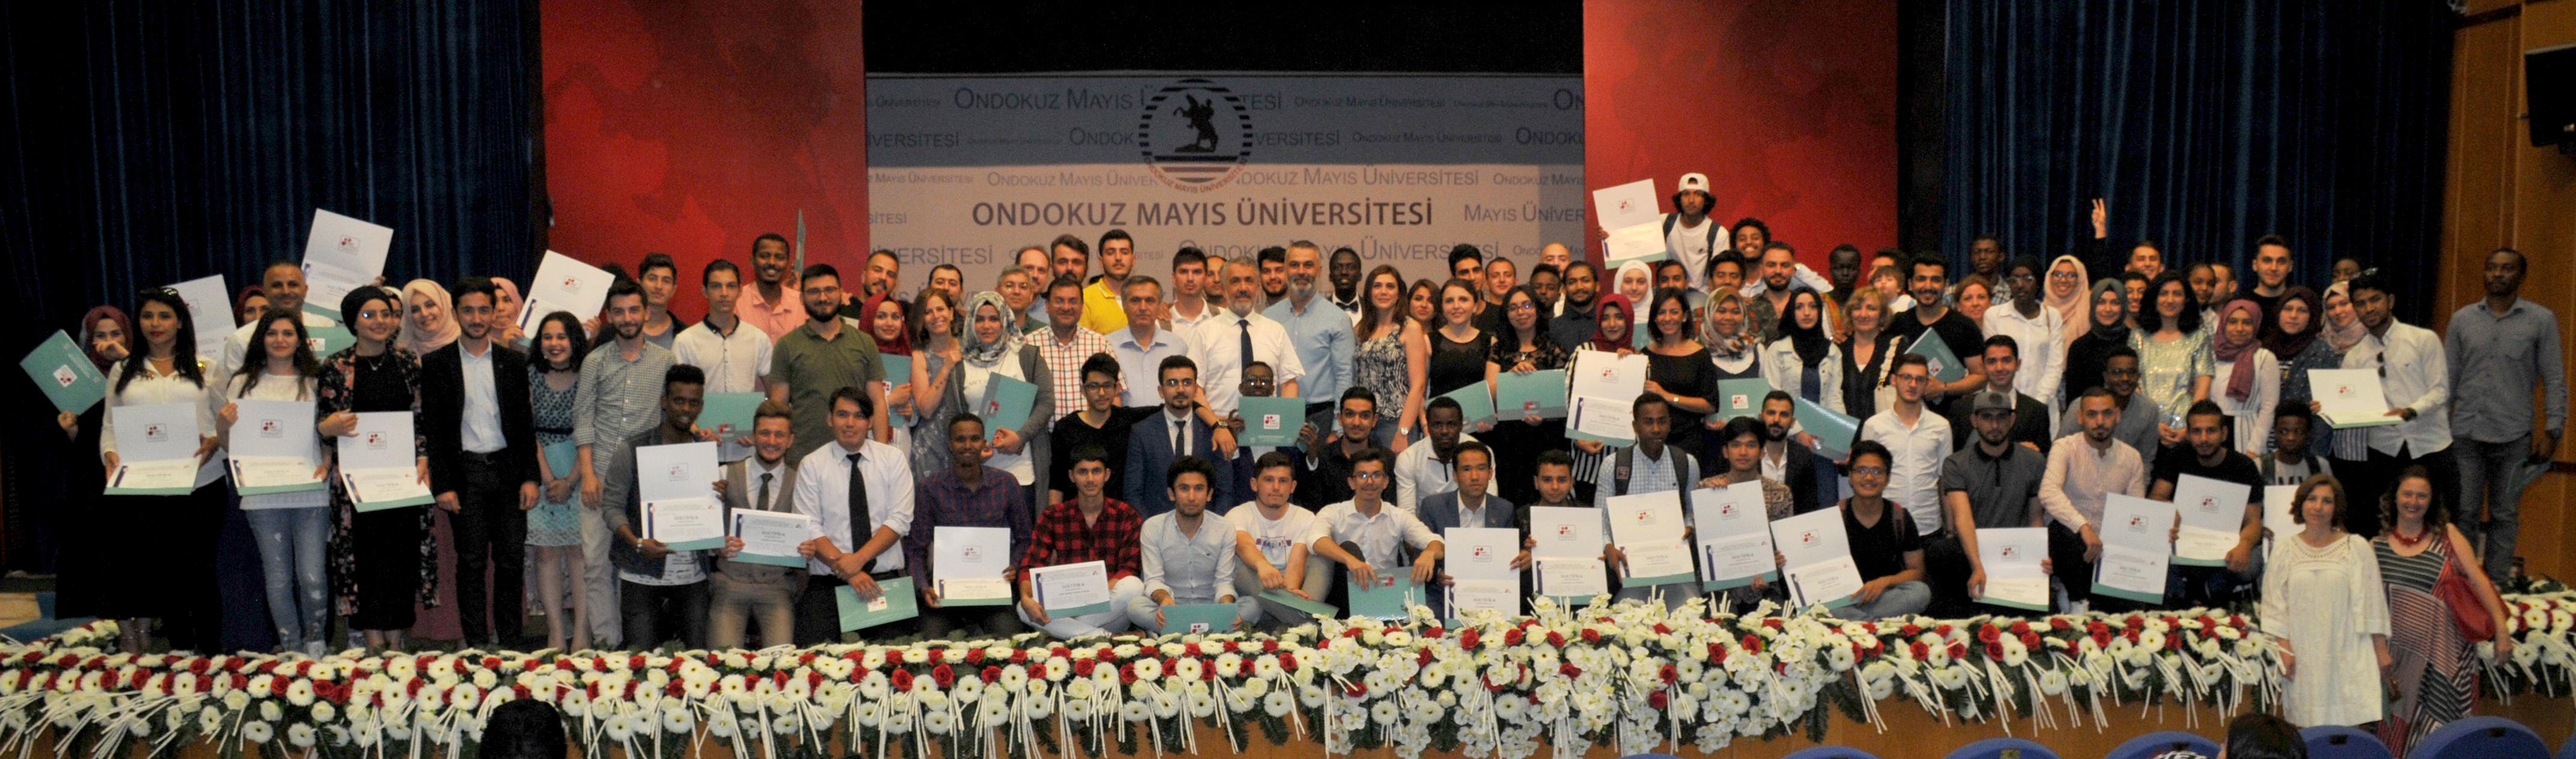 http://www.omu.edu.tr/sites/default/files/files/uluslararasi_ogrencilerle_turkce_soleni/dsc_0849.jpg